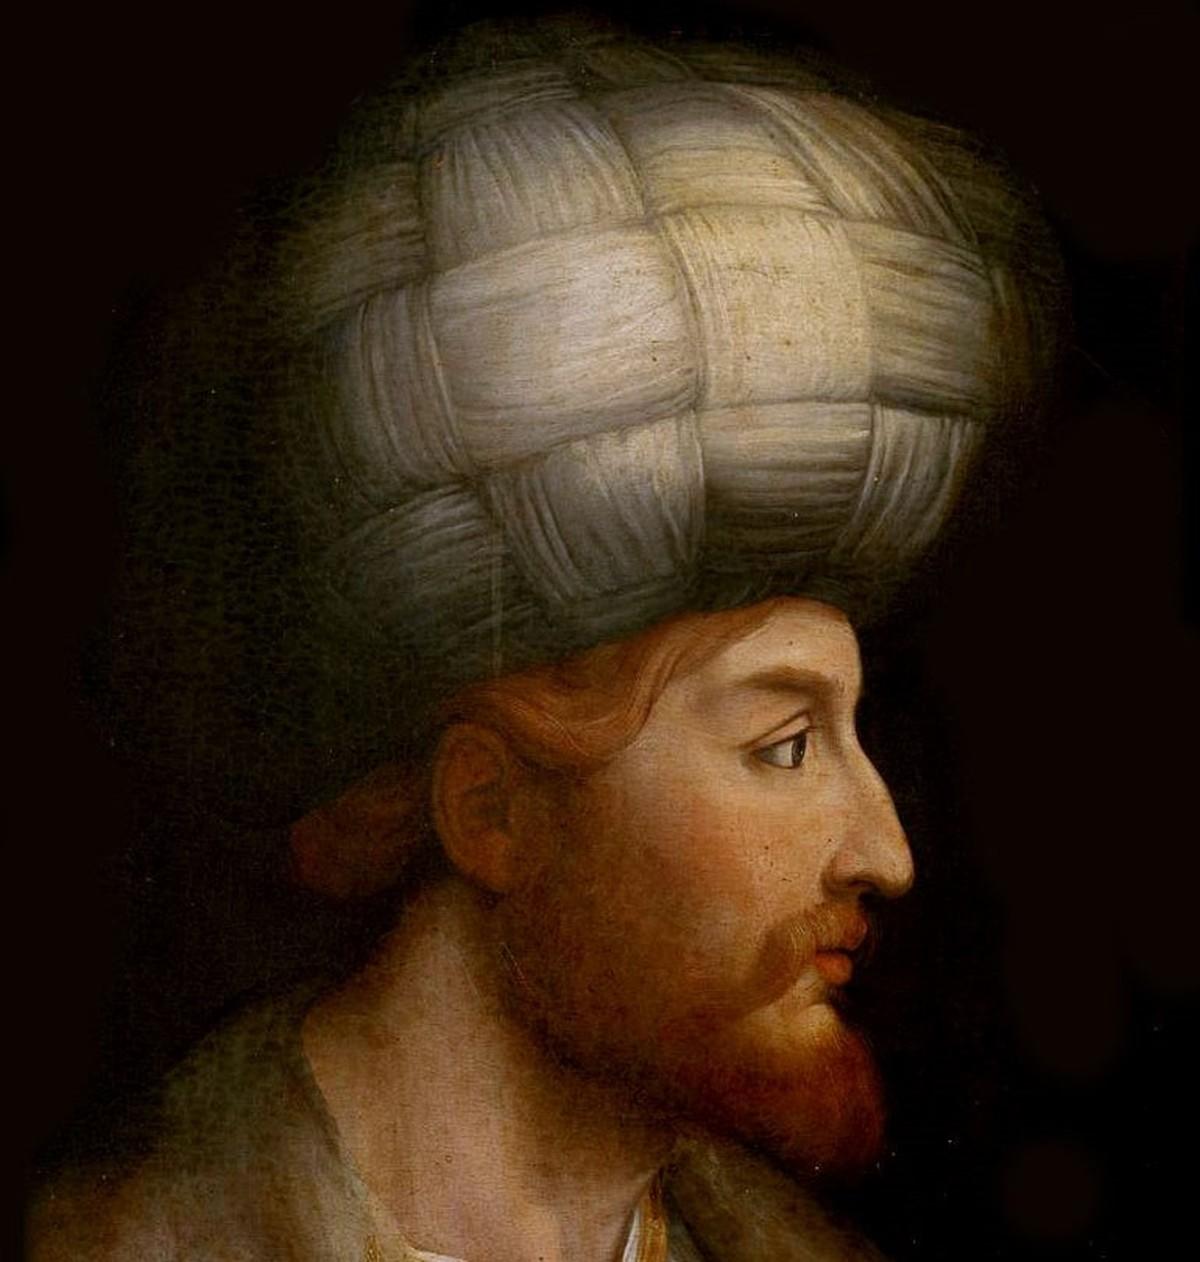 سالروز مرگ کسی که ایران را  بعد از ساسانیان متحد کرد